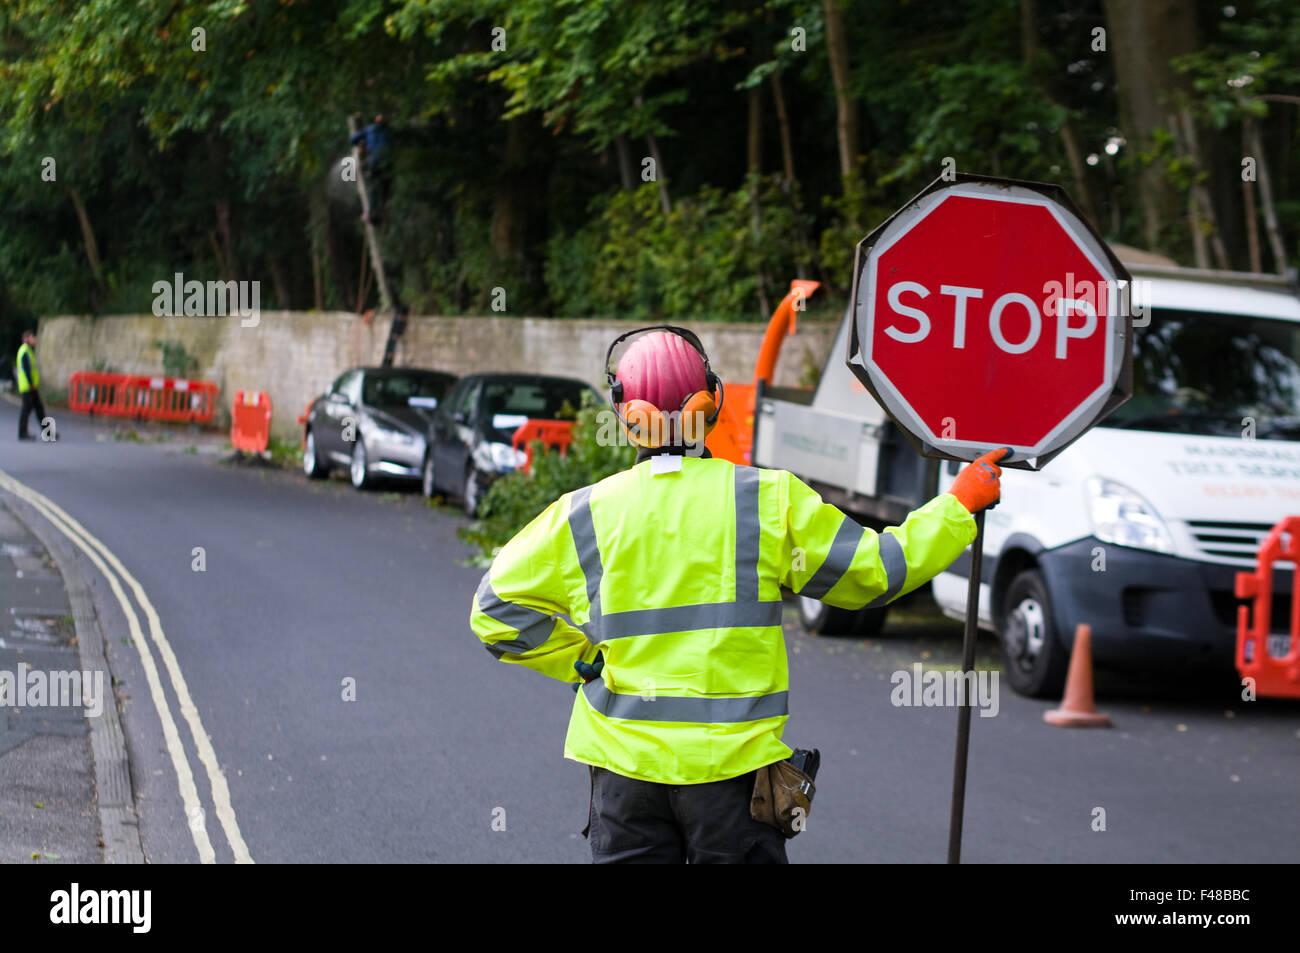 Un uomo in un GIUBBETTO ALTA VISIBILITA detiene una 'STOP' traffico segno di controllo per il controllo Immagini Stock